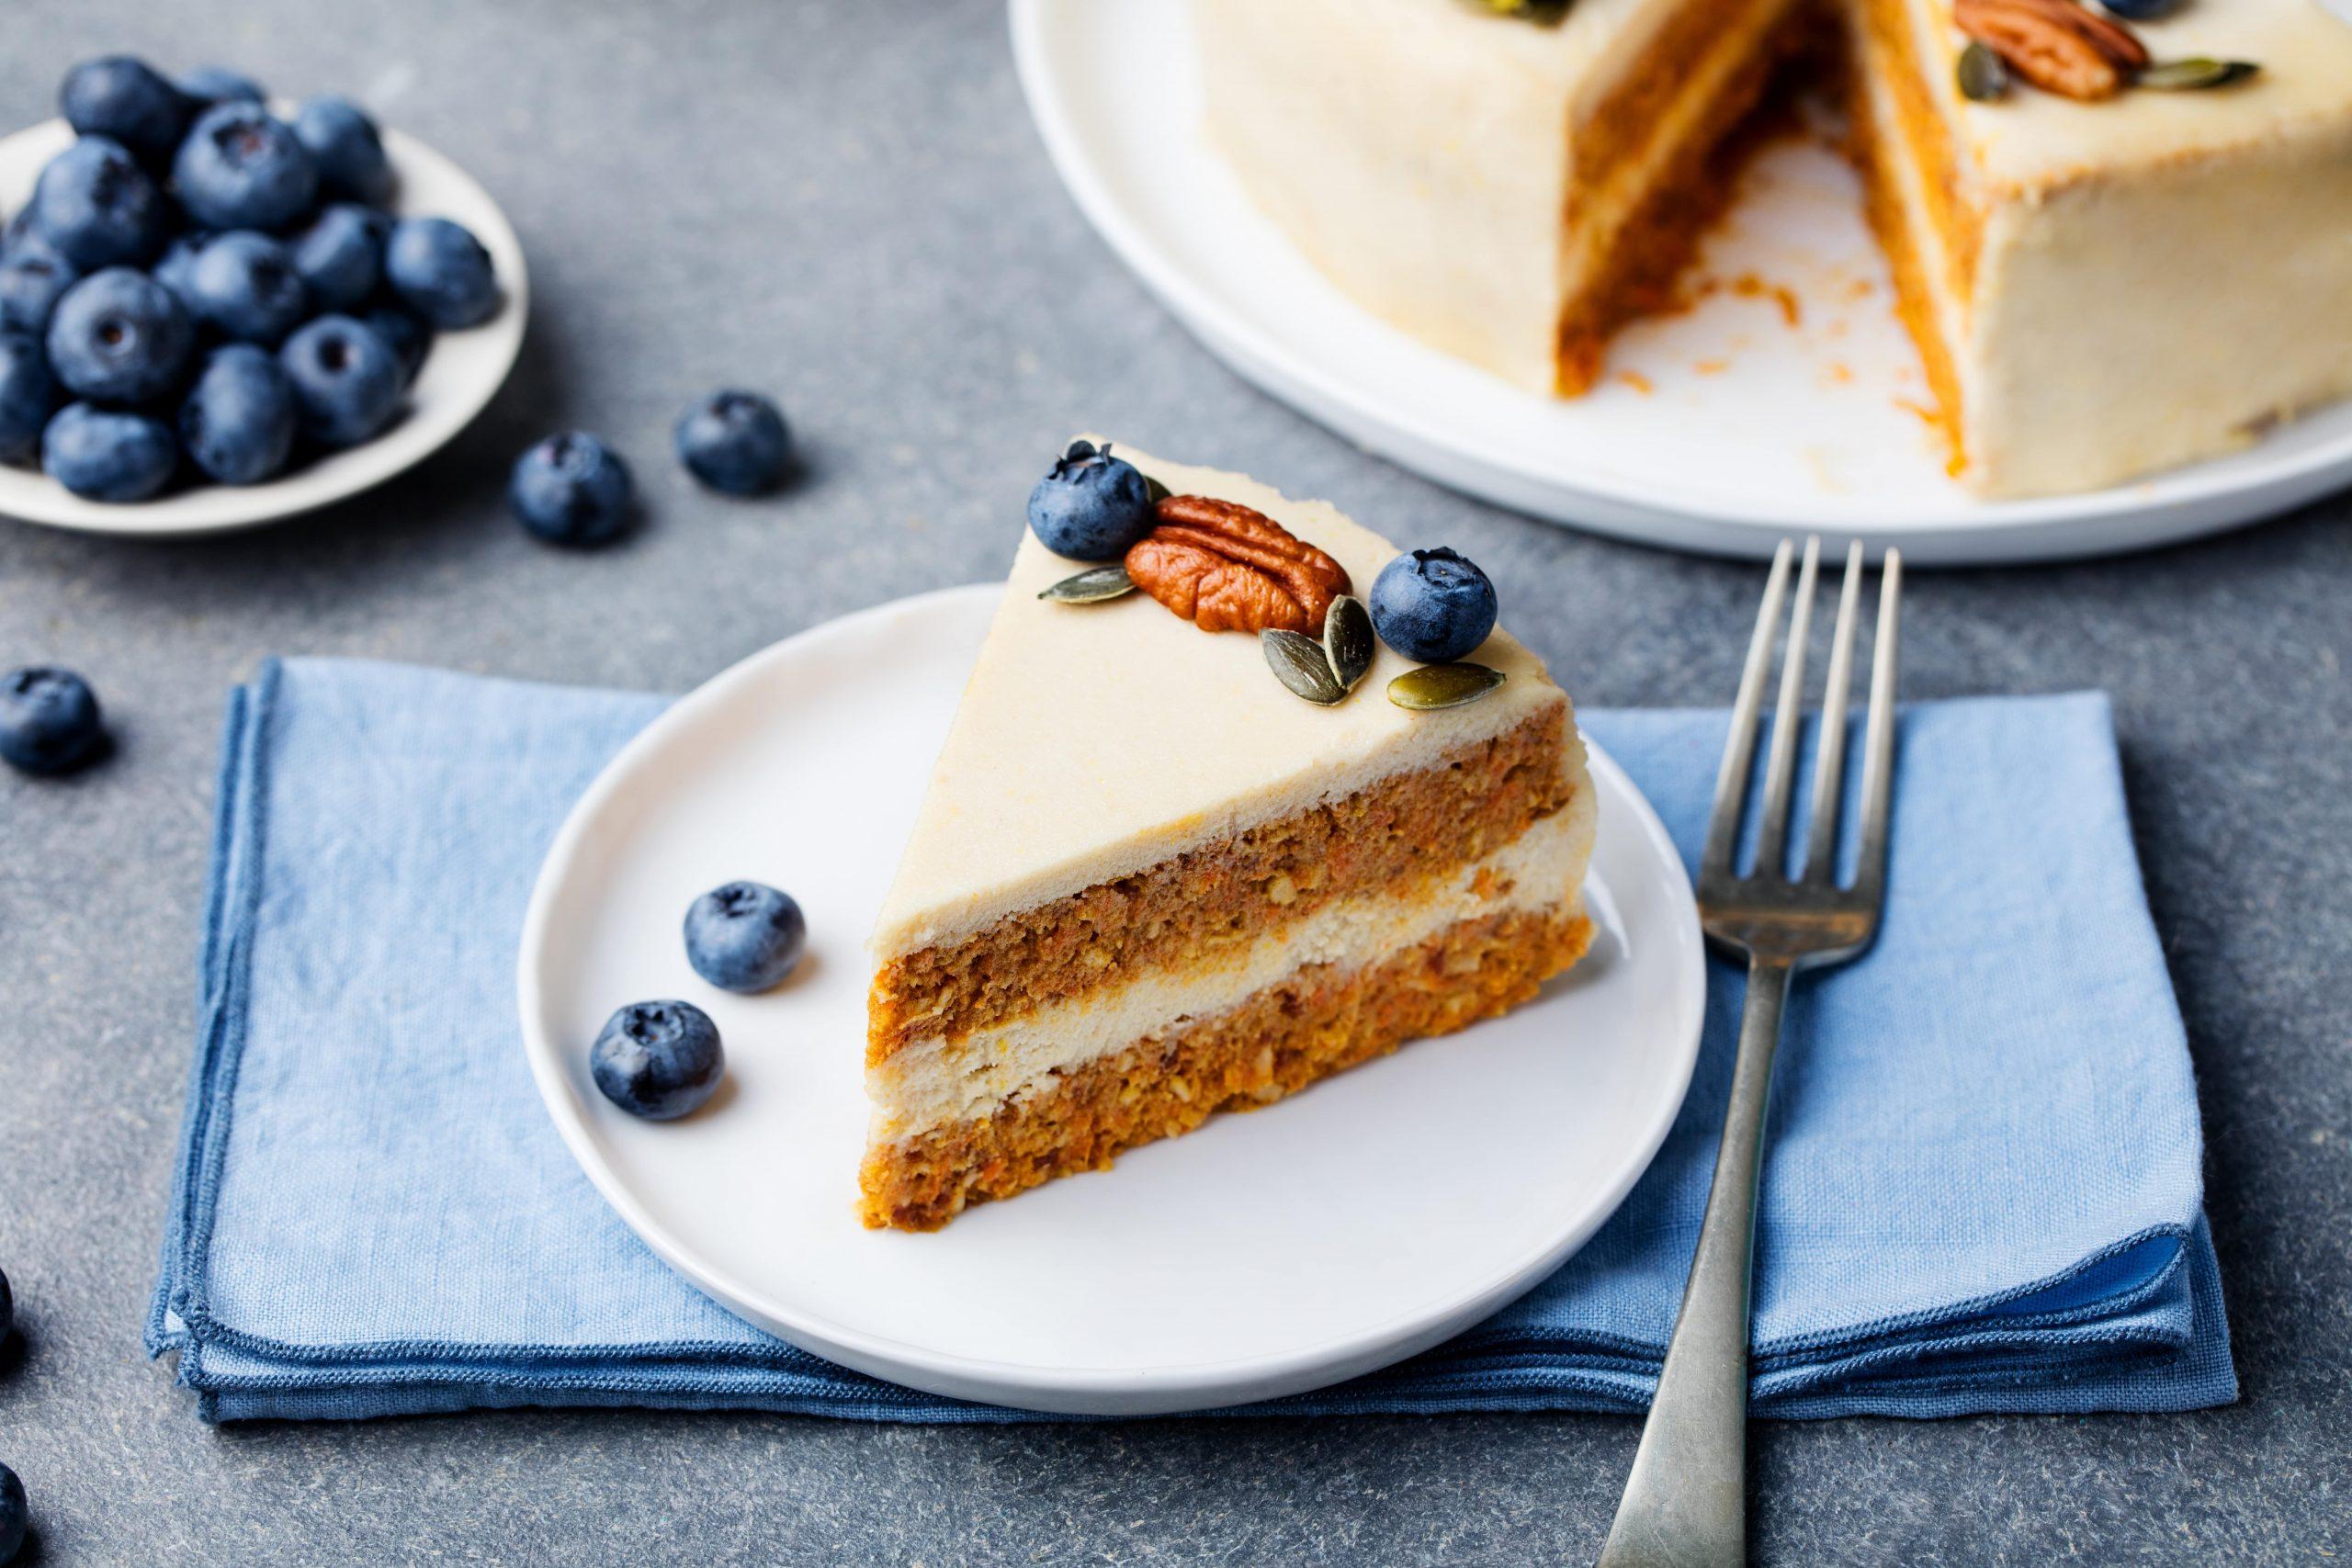 Jakie dodatki najlepiej pasują do tego ciasta?